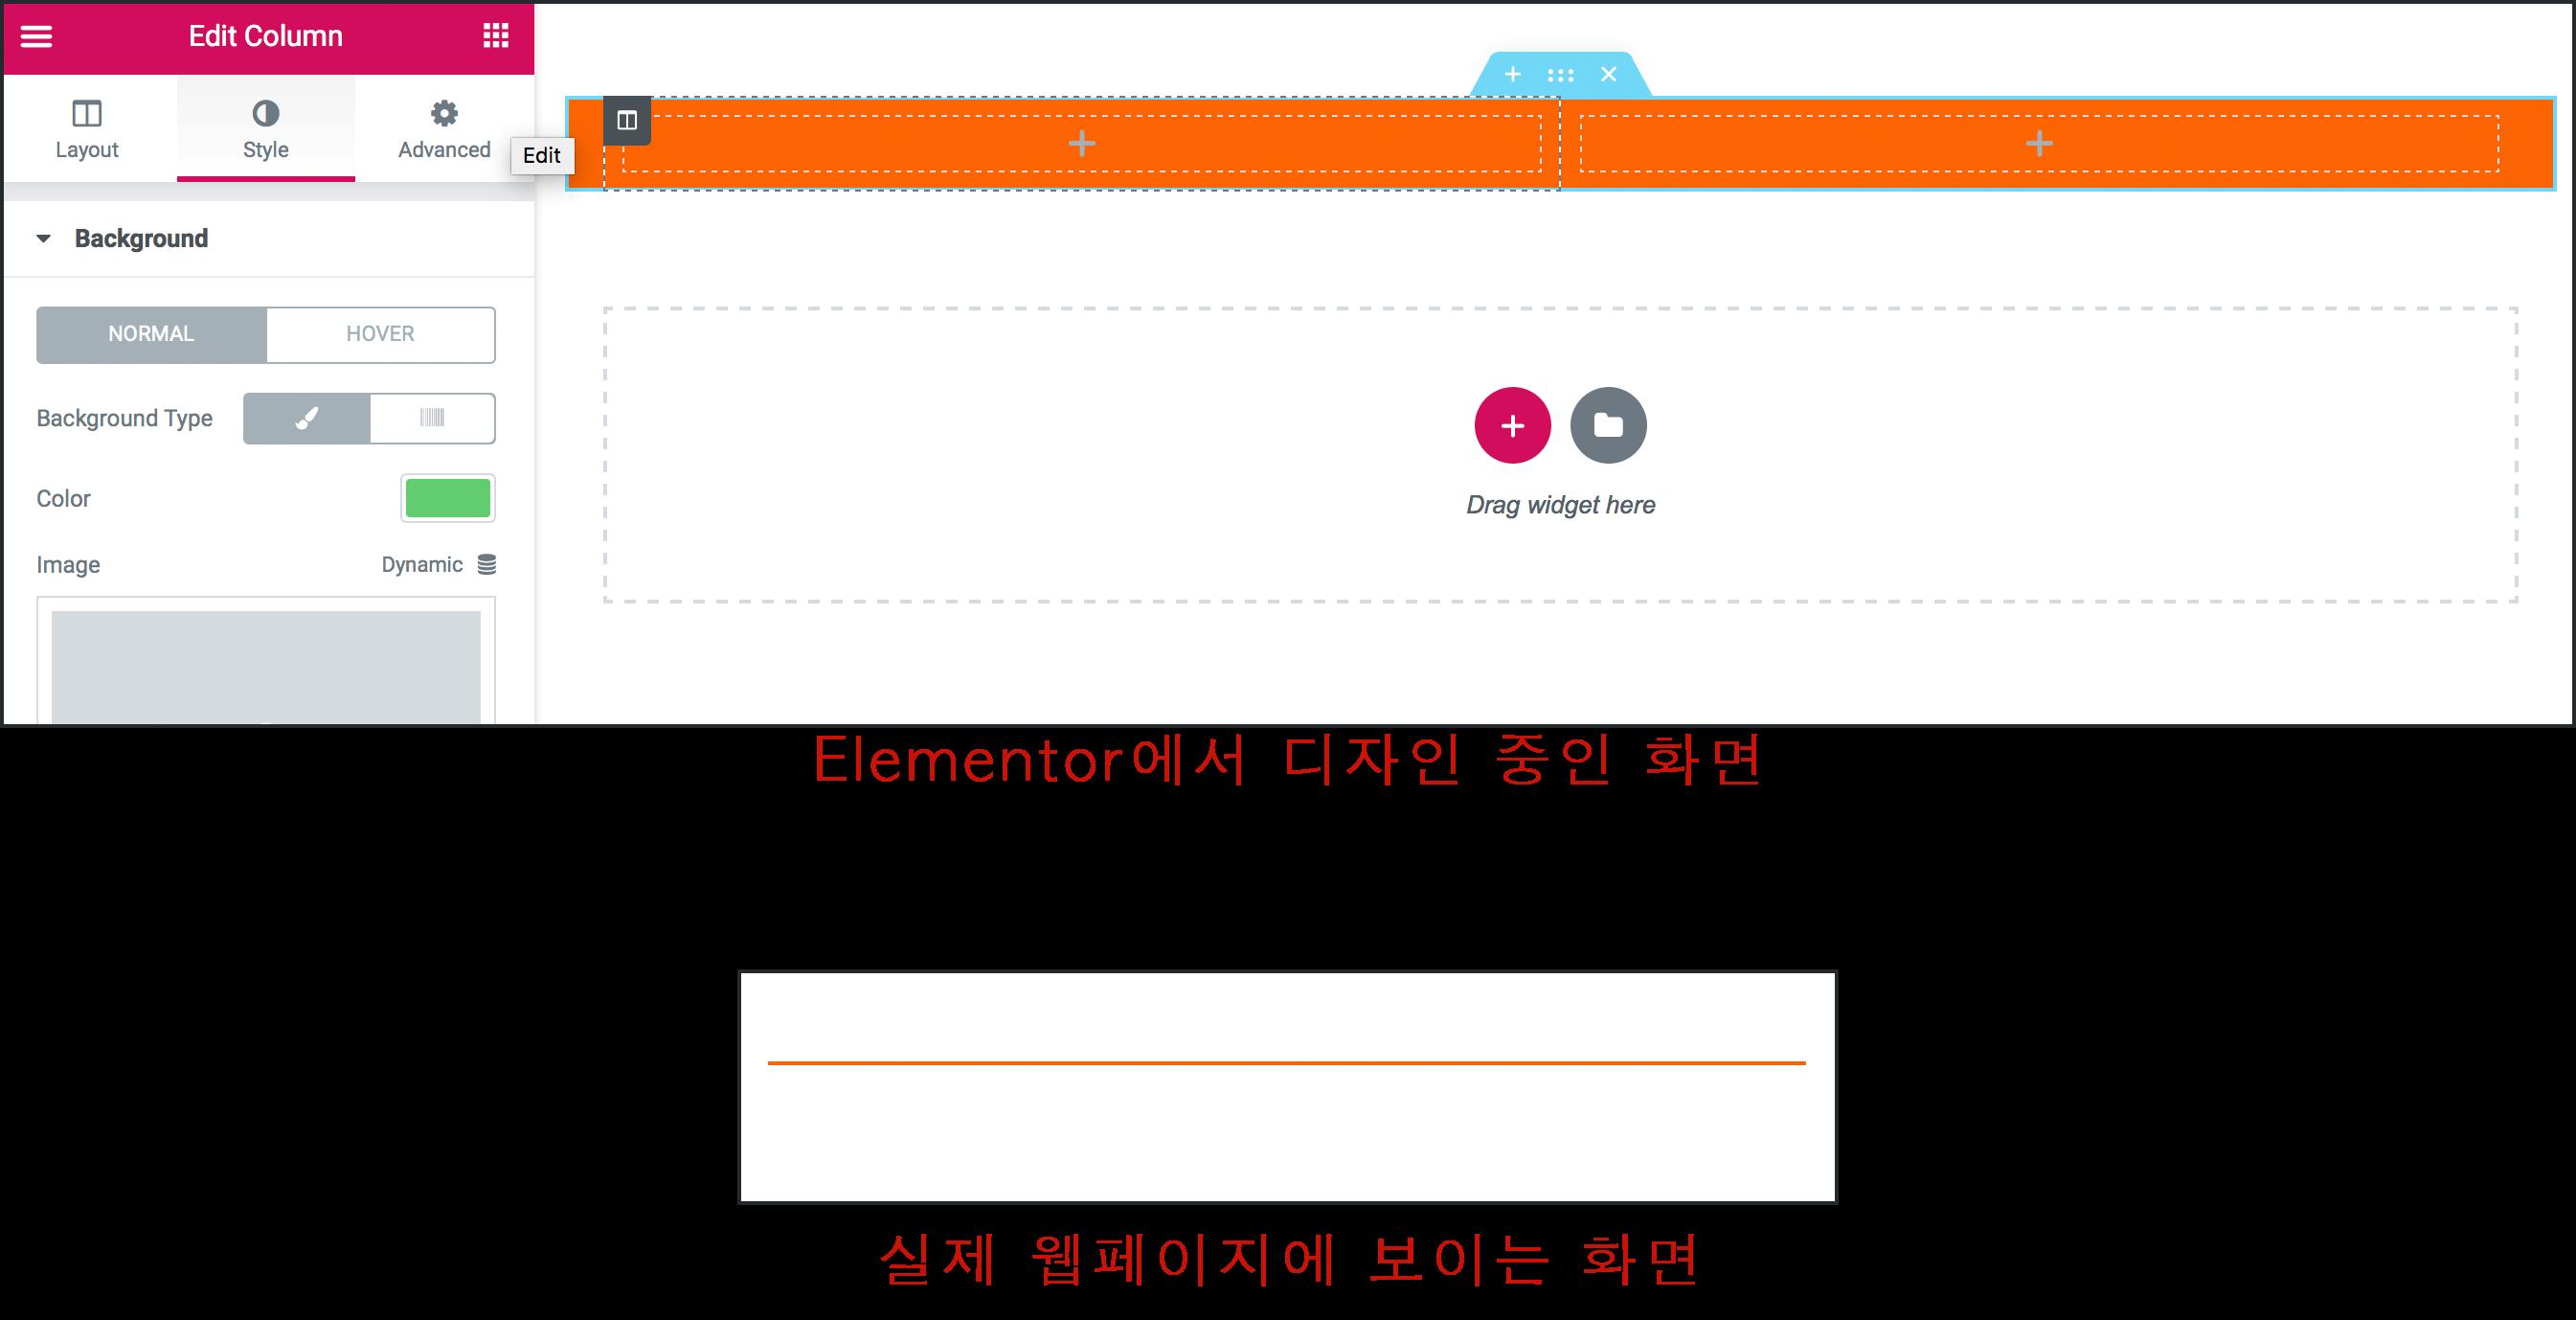 엘리멘터에서 디자인 중인 화면과 실제 렌더링된 페이지를 나타내는 그림